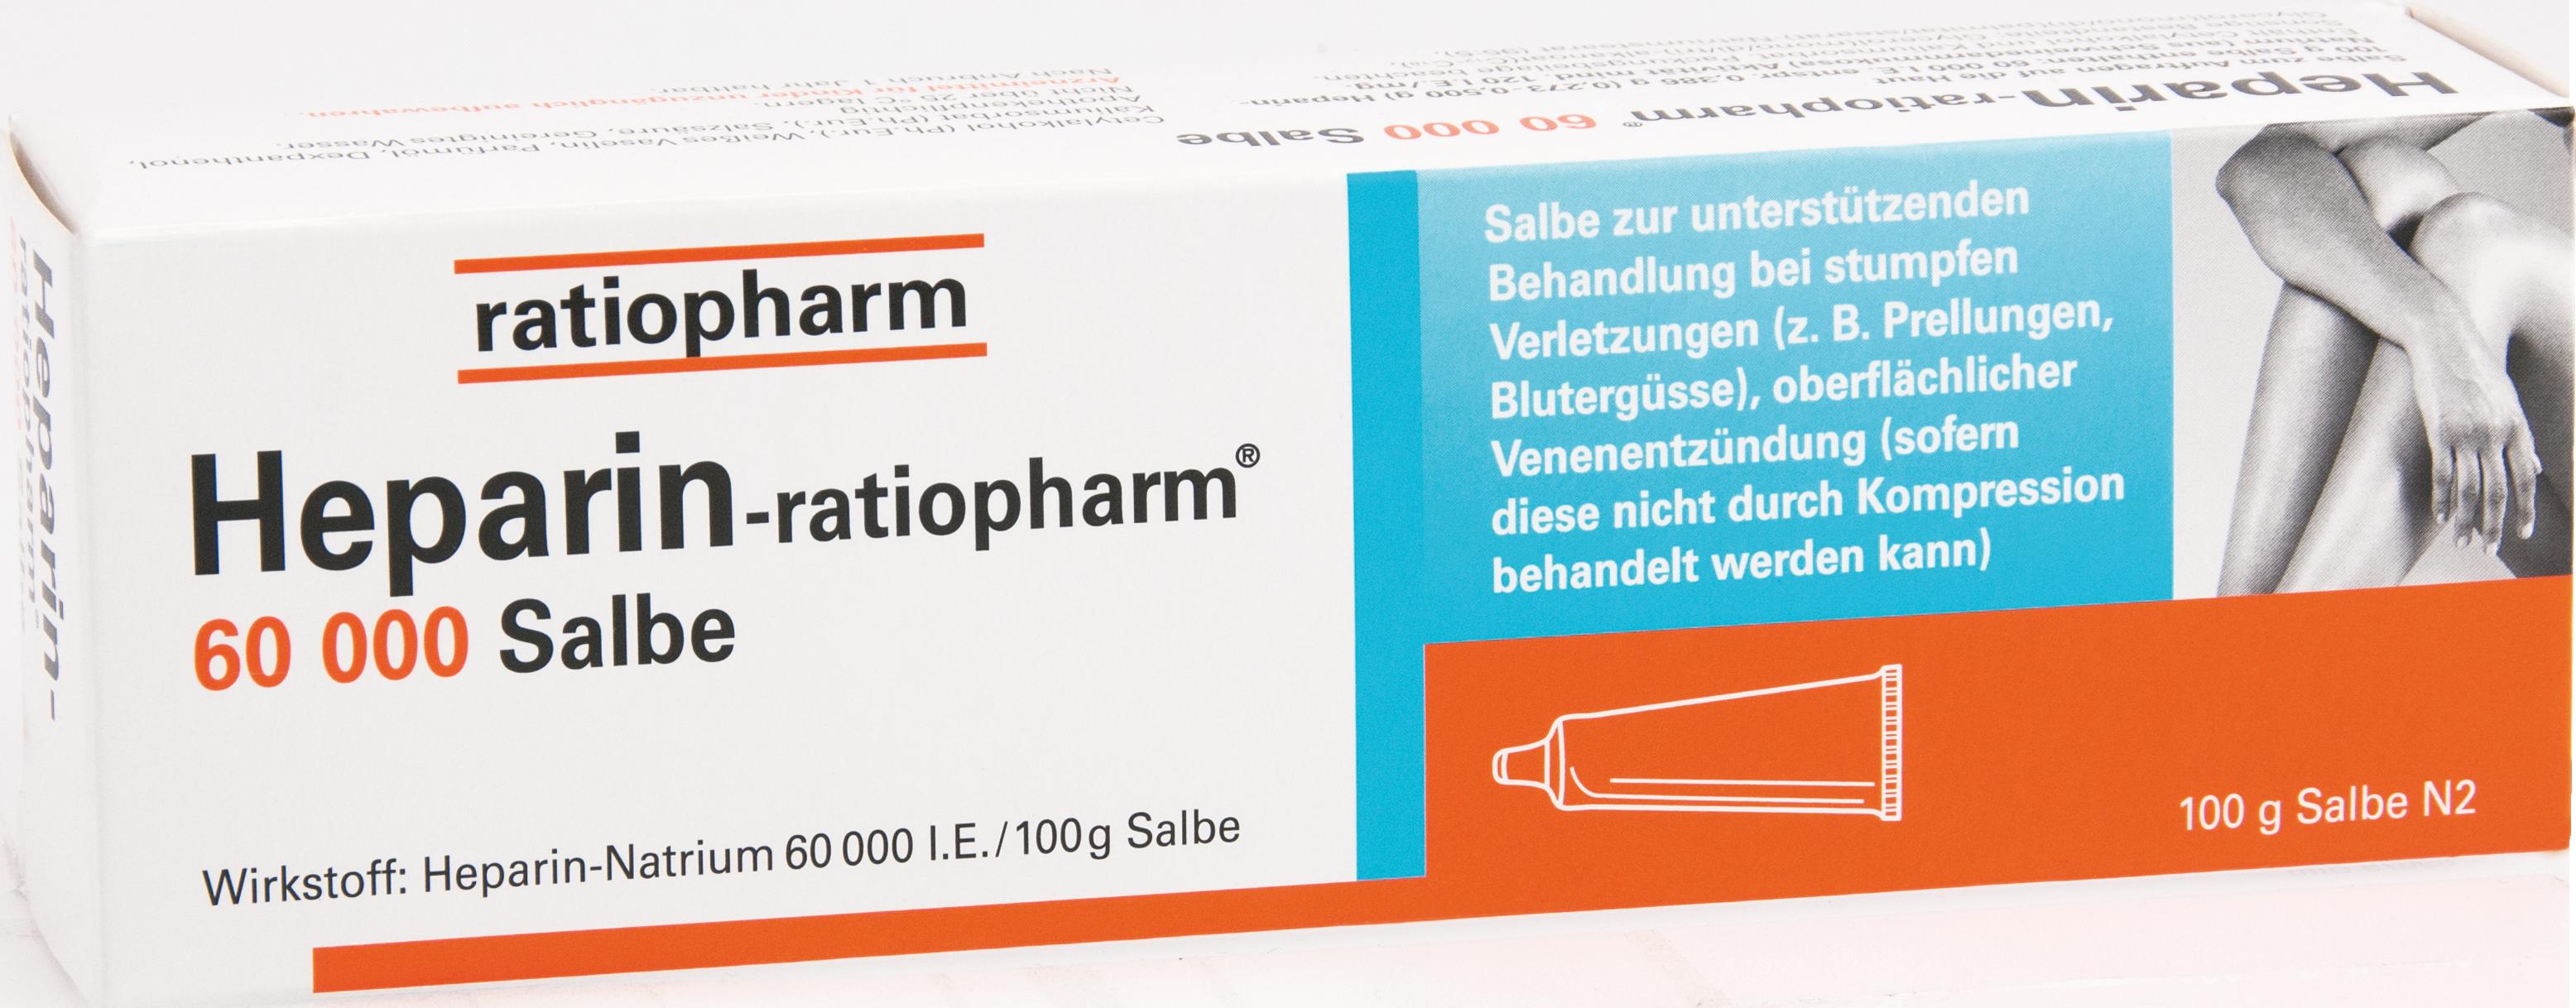 Heparin Ratiopharm 60000 Salbe